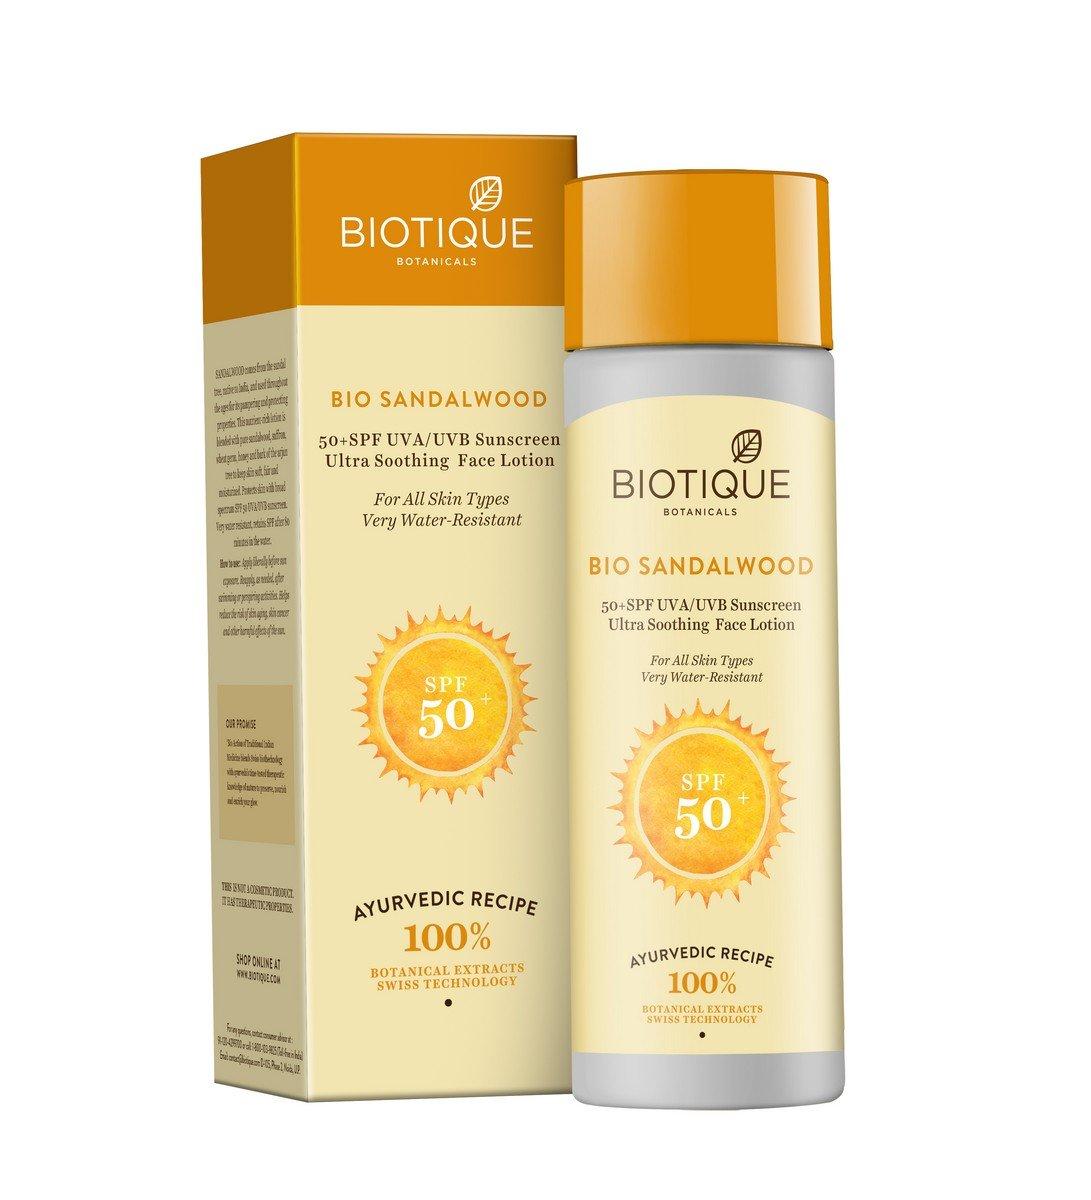 Biotique Sandalwood viso e corpo crema solare SPF 50UVA/UVB Bio Veda Action Research Co RETML120011